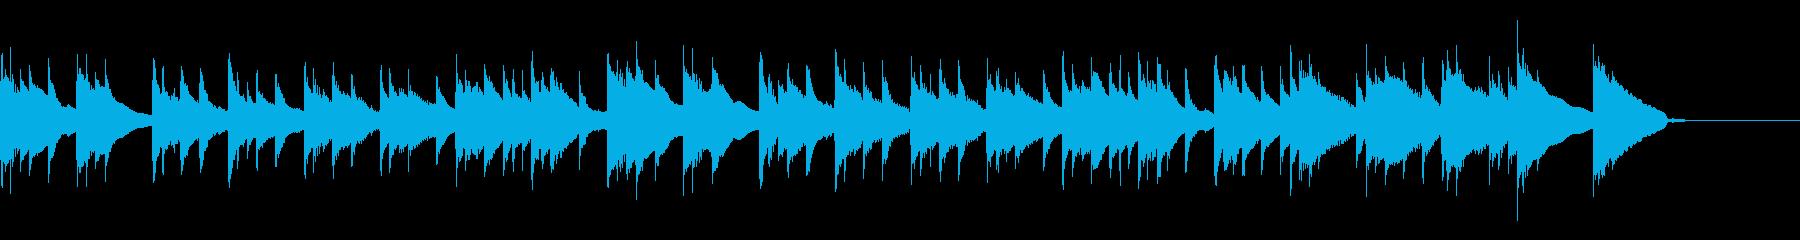 【アコギのみ】優しい懐かしさのあるBGMの再生済みの波形